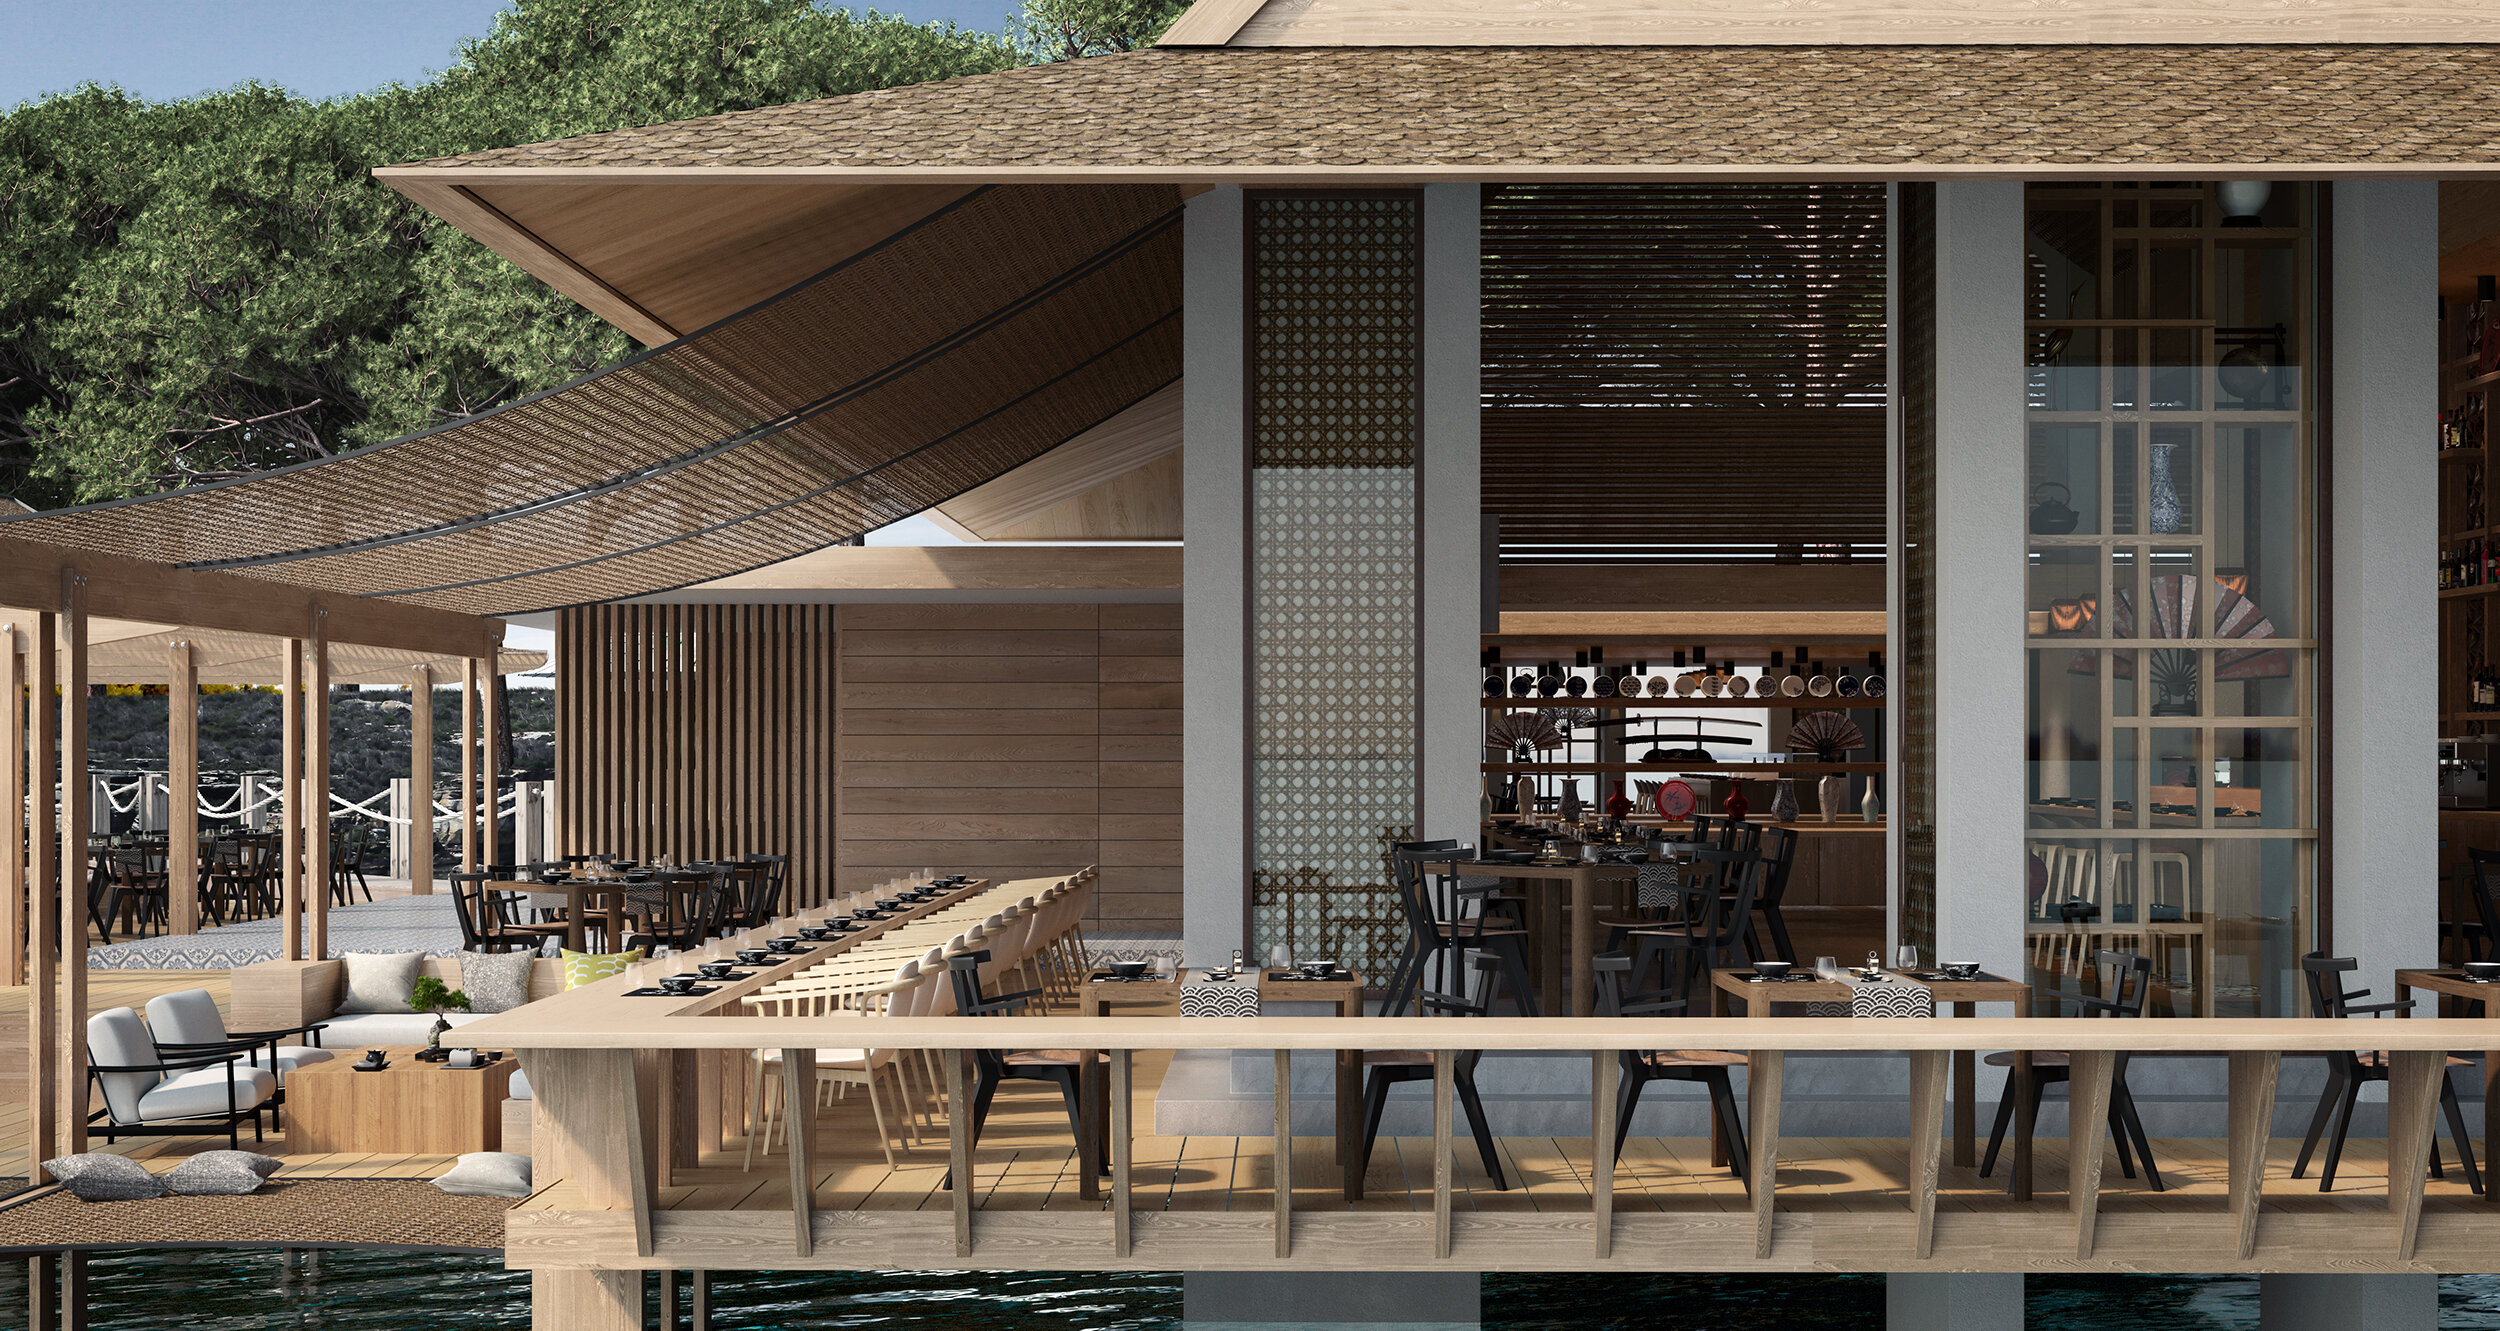 What We Design Cornforth Architecture Design